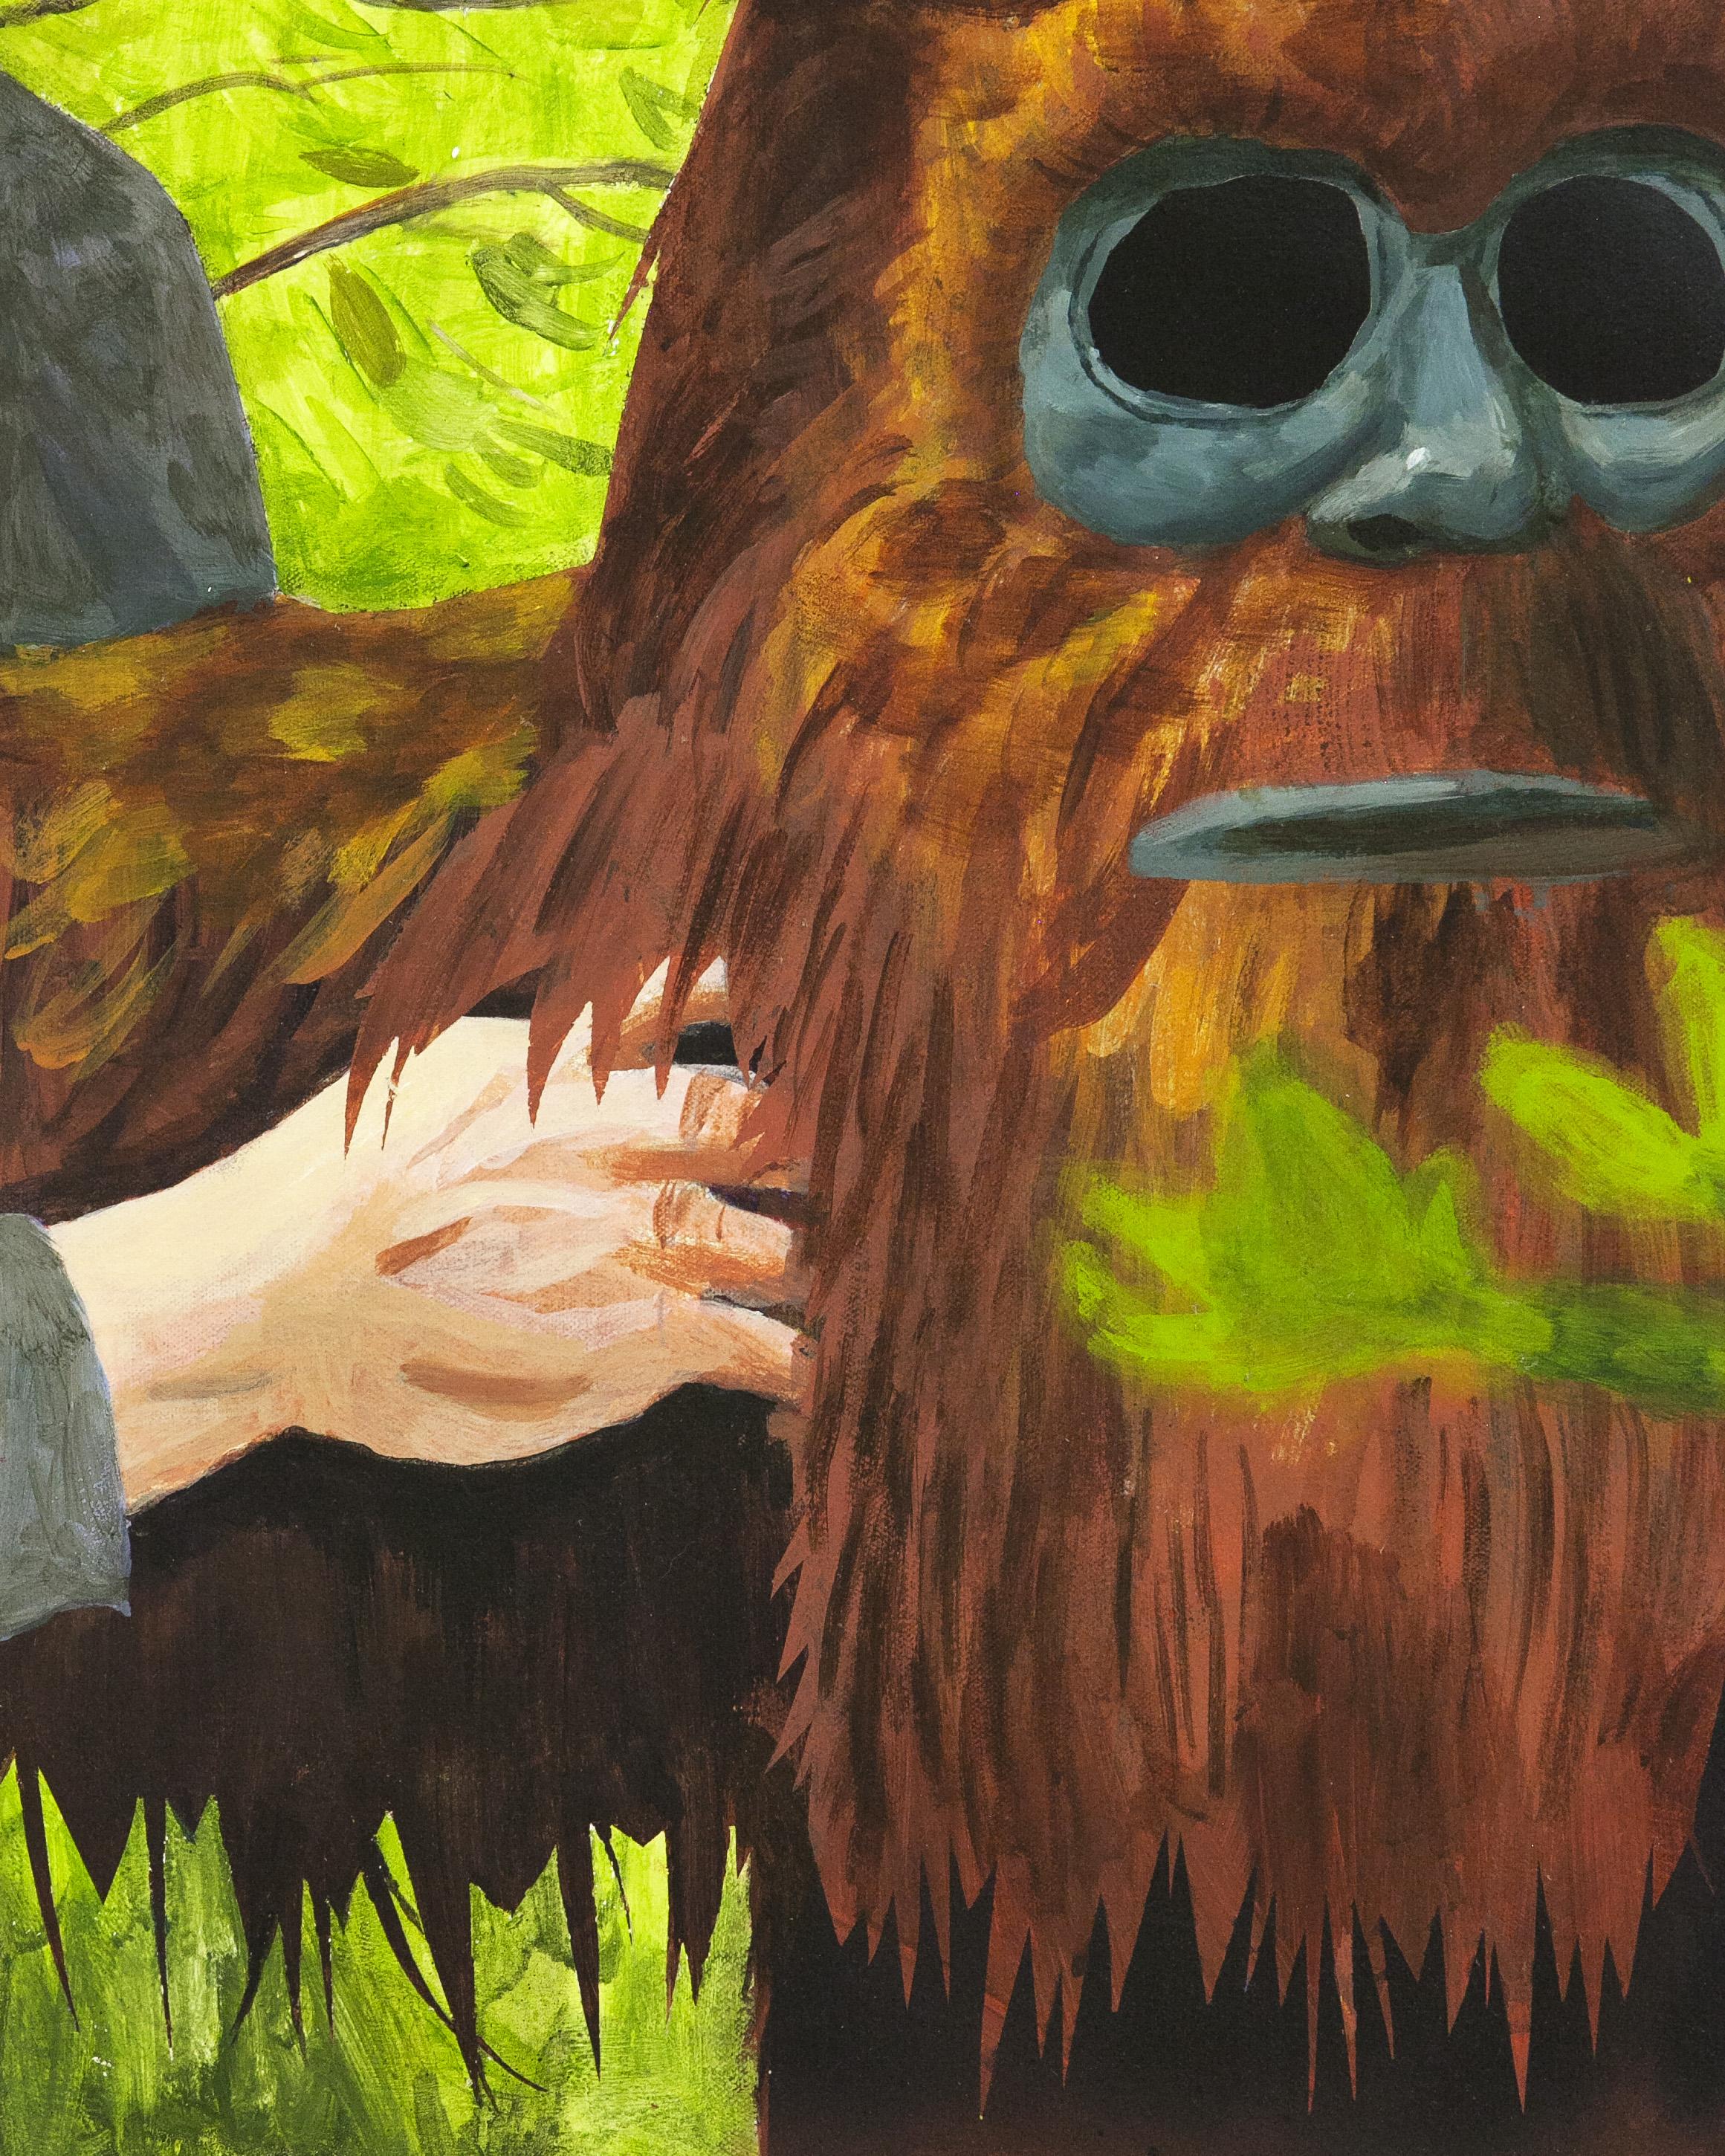 woodrowwhite_bigfootbetweenscene_2.jpg